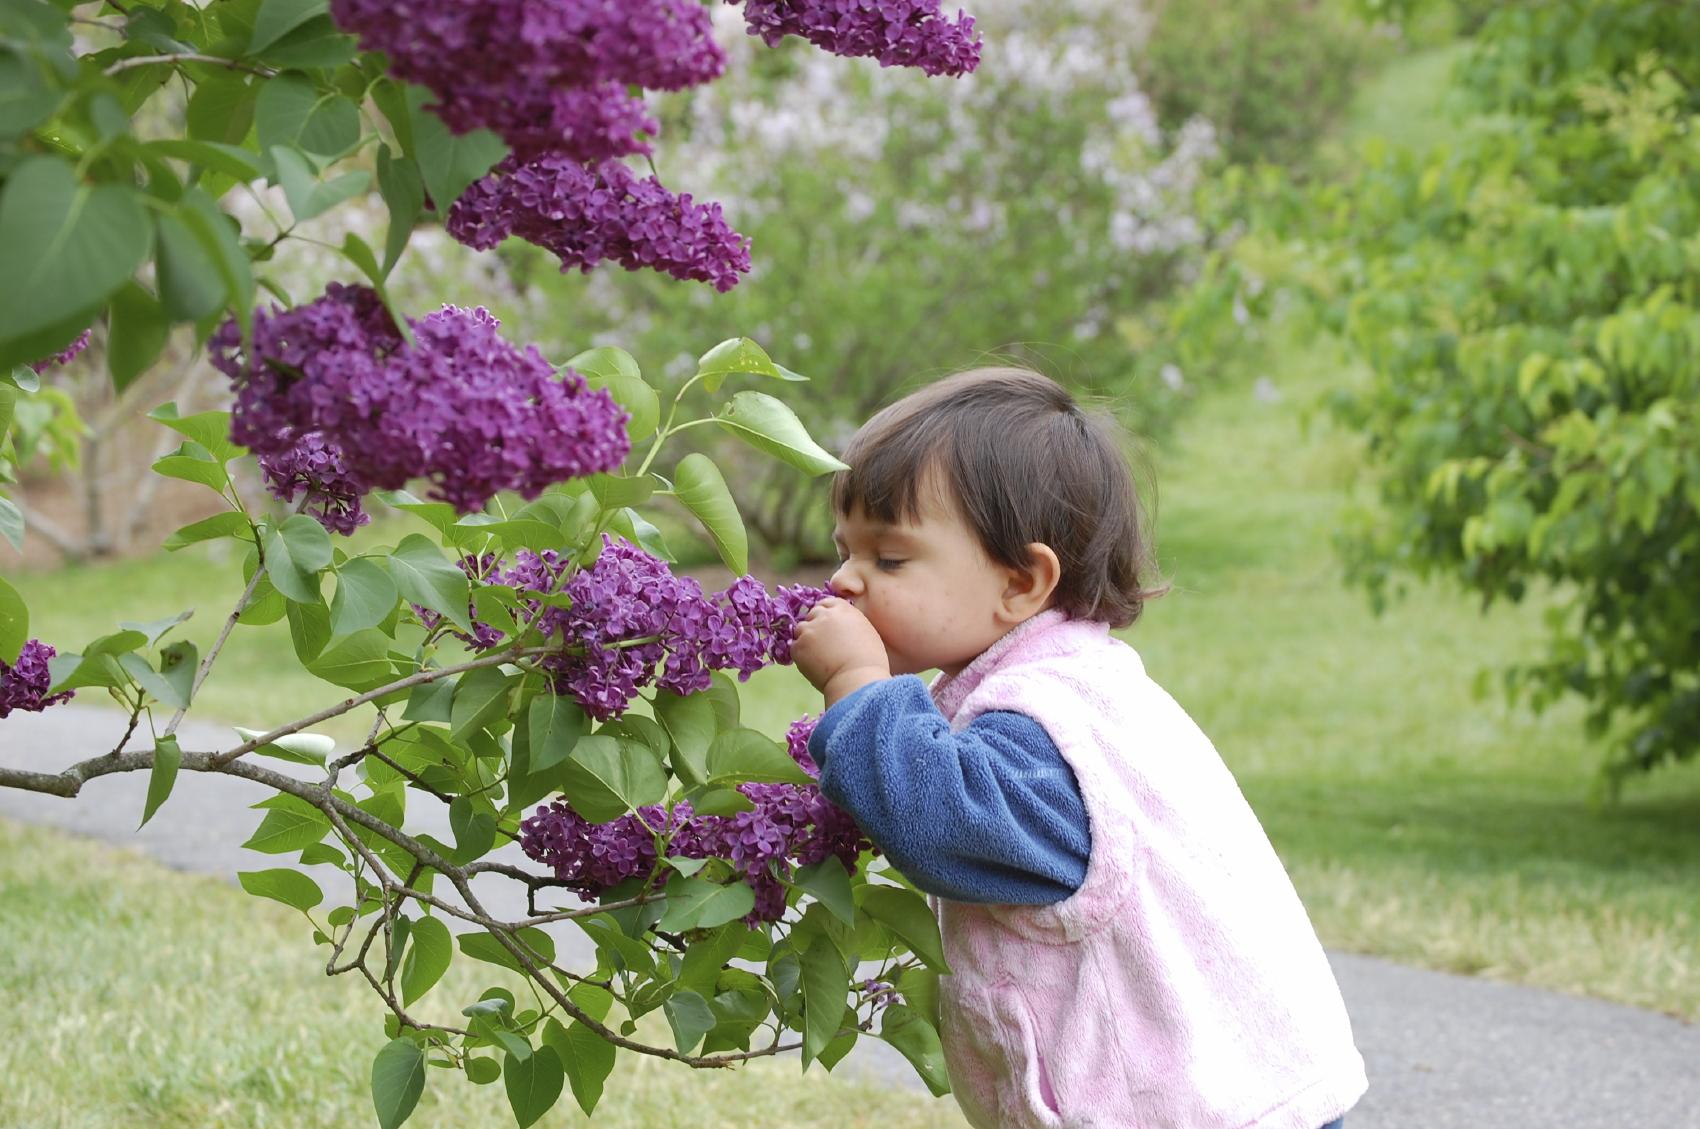 plantas jardim sensorial : plantas jardim sensorial:JARDIM SENSORIAL